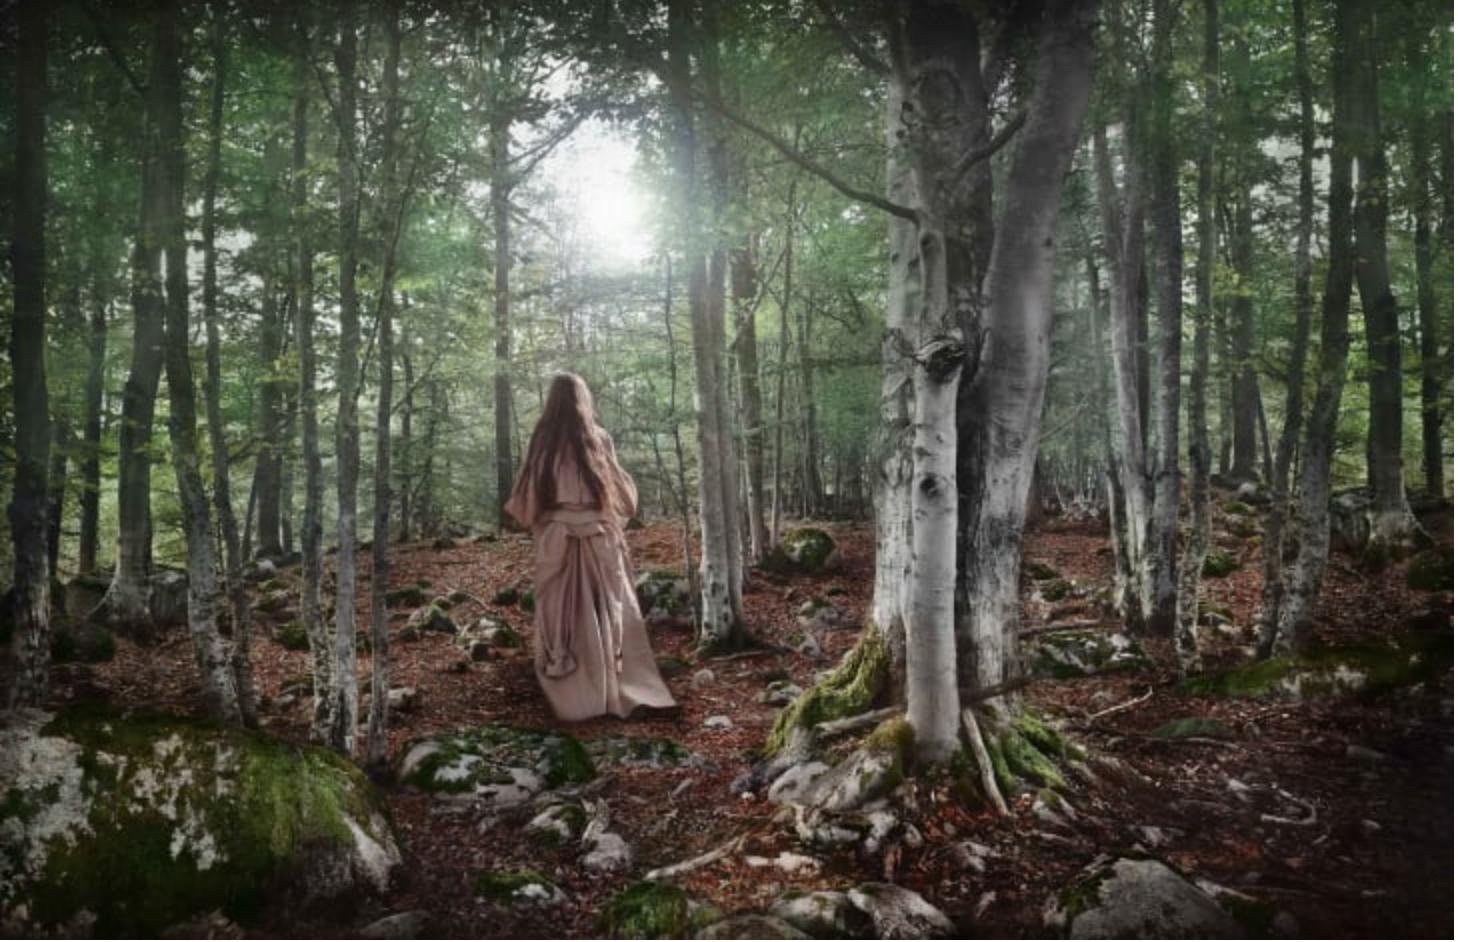 Nhà hoạt động trẻ tuổi Greta Thunberg truyền cảm hứng bảo vệ môi trường trên Vogue